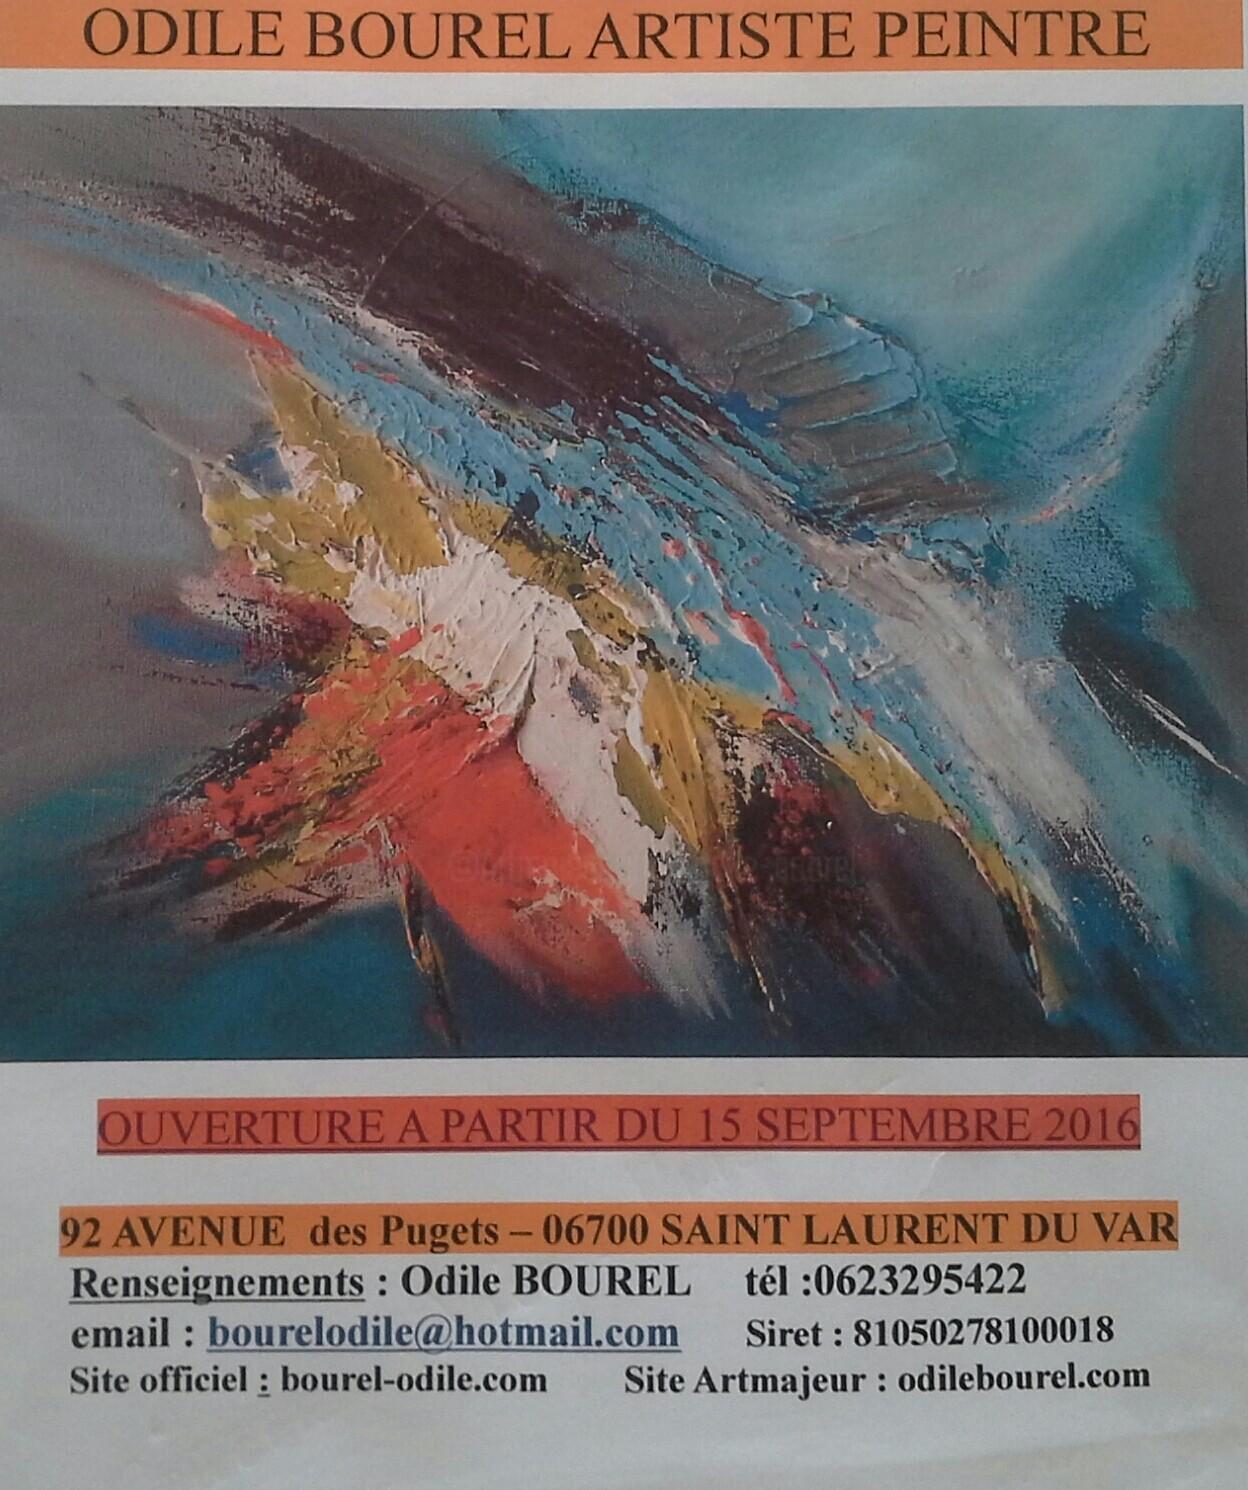 Odile Bourel - 20160910-115541-1-1.jpg